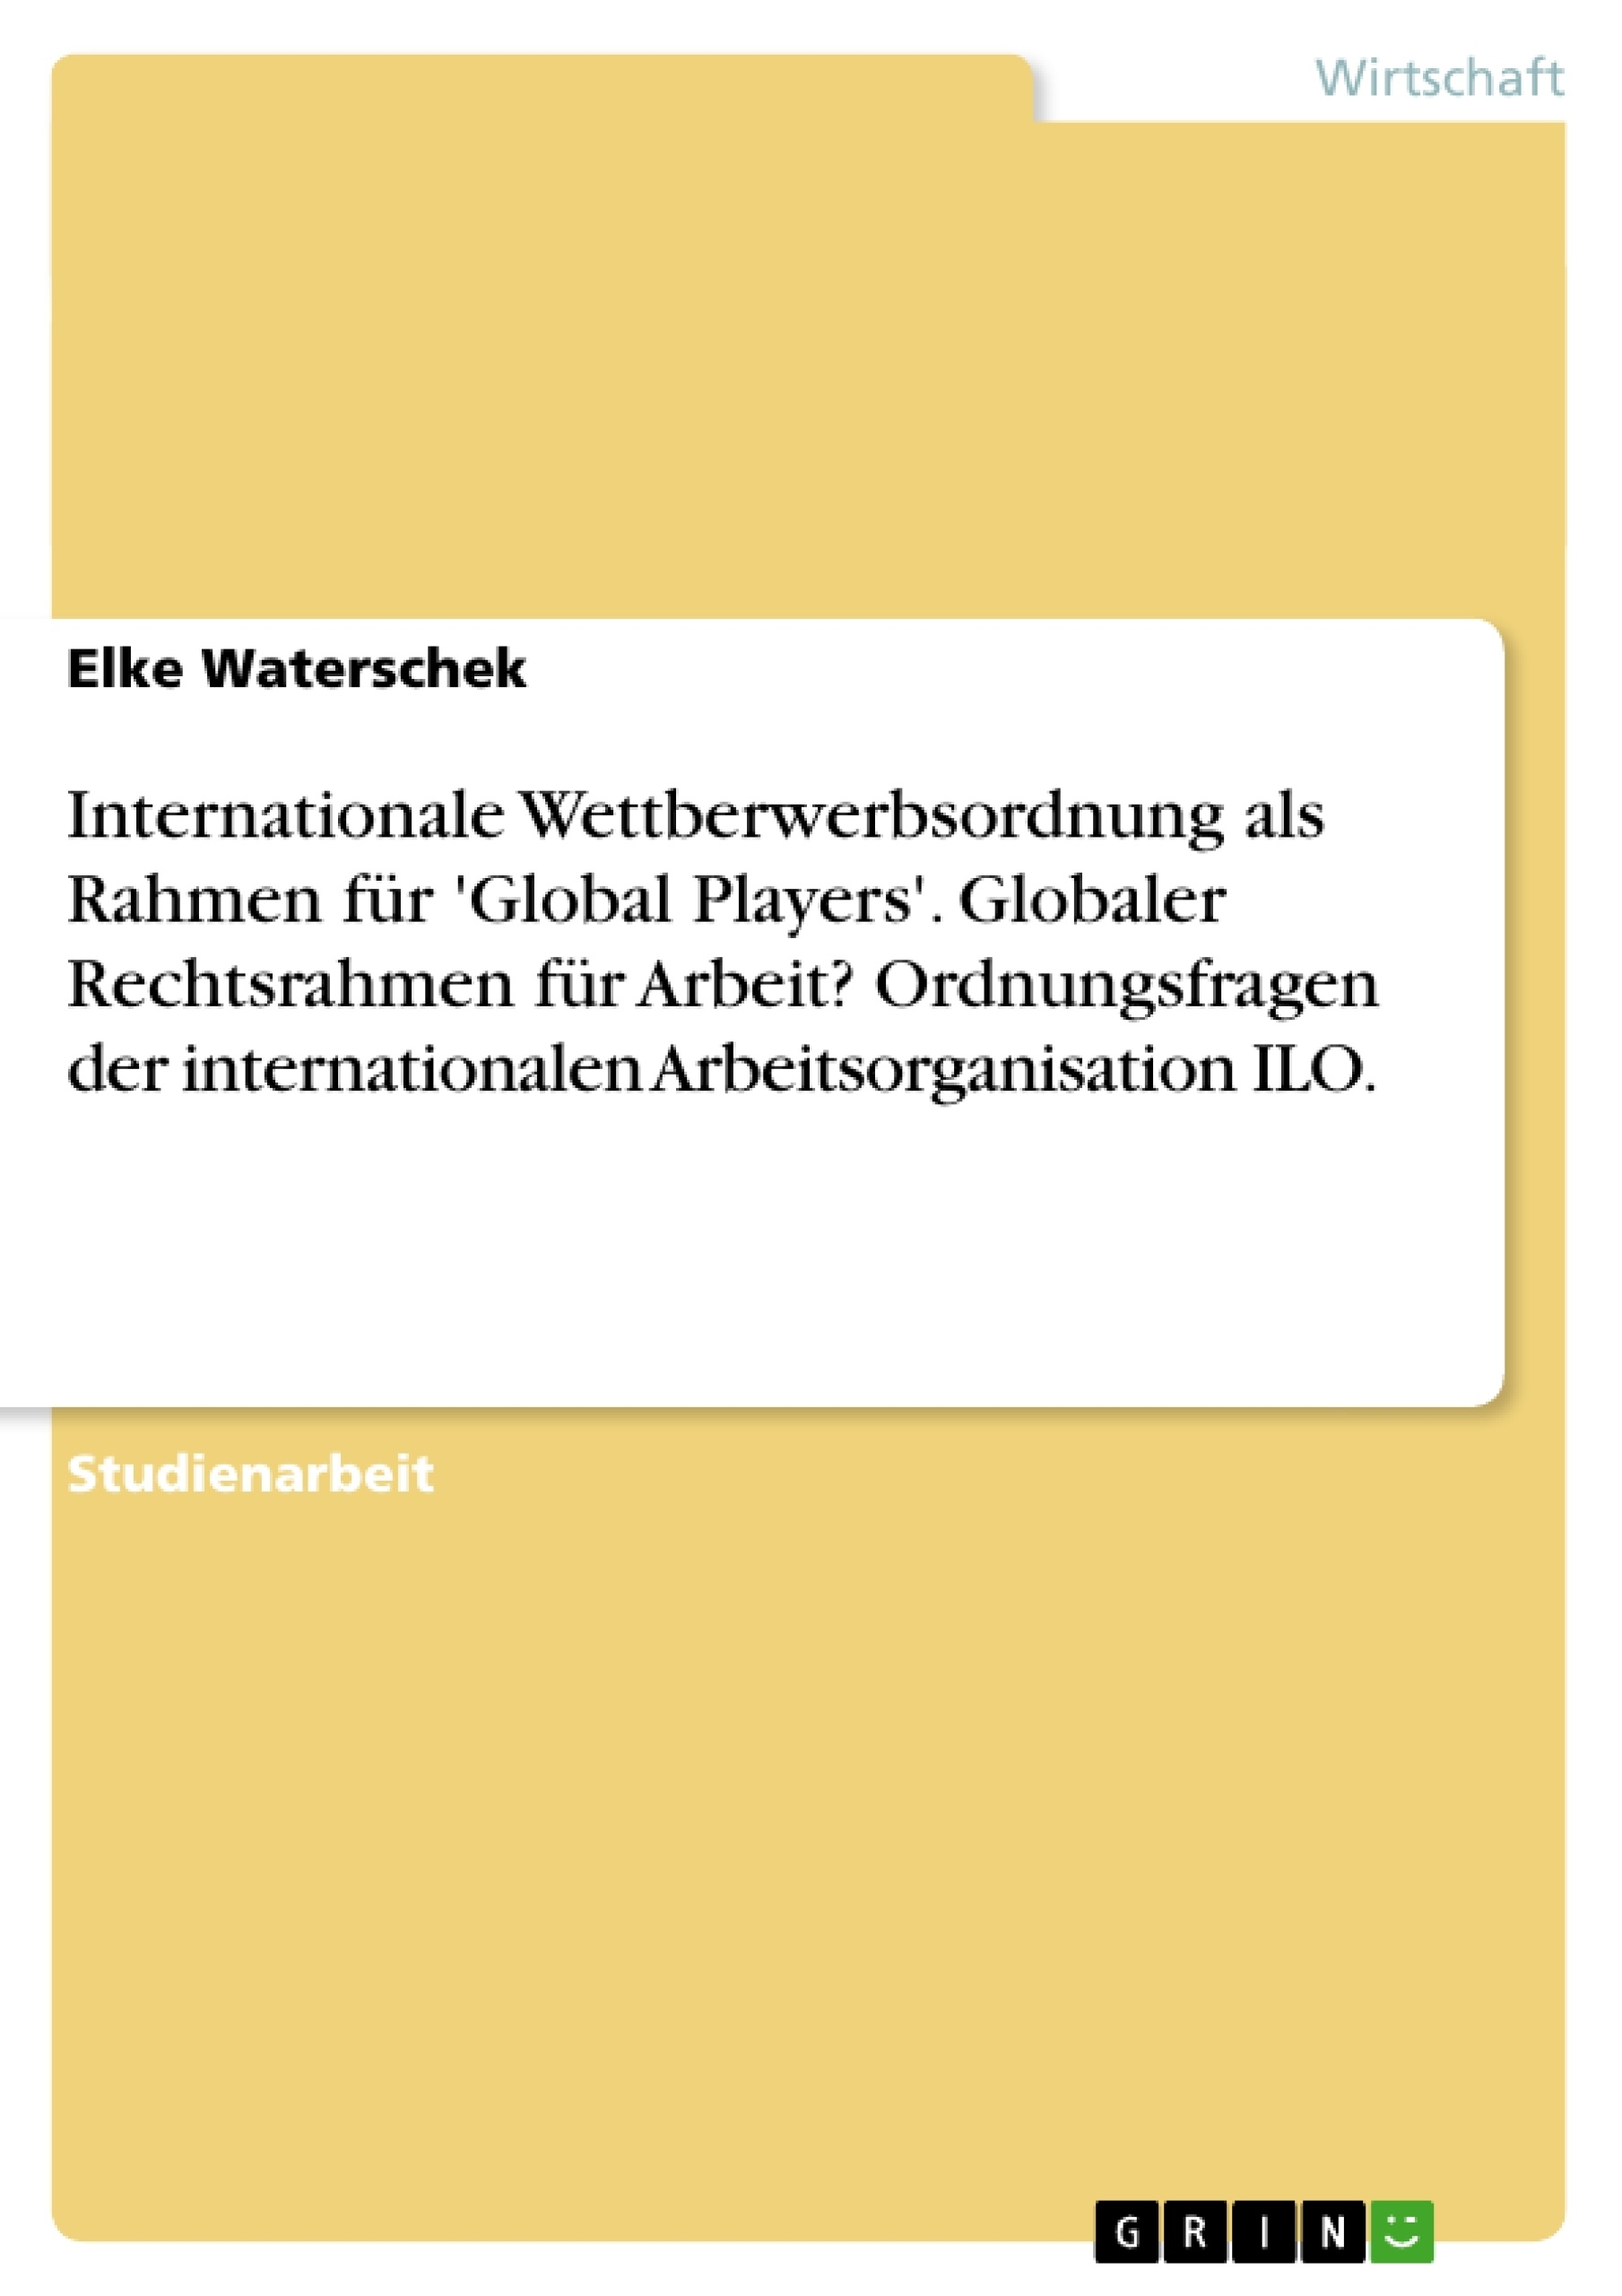 Titel: Internationale Wettberwerbsordnung als Rahmen für 'Global Players'. Globaler Rechtsrahmen für Arbeit? Ordnungsfragen der internationalen Arbeitsorganisation ILO.